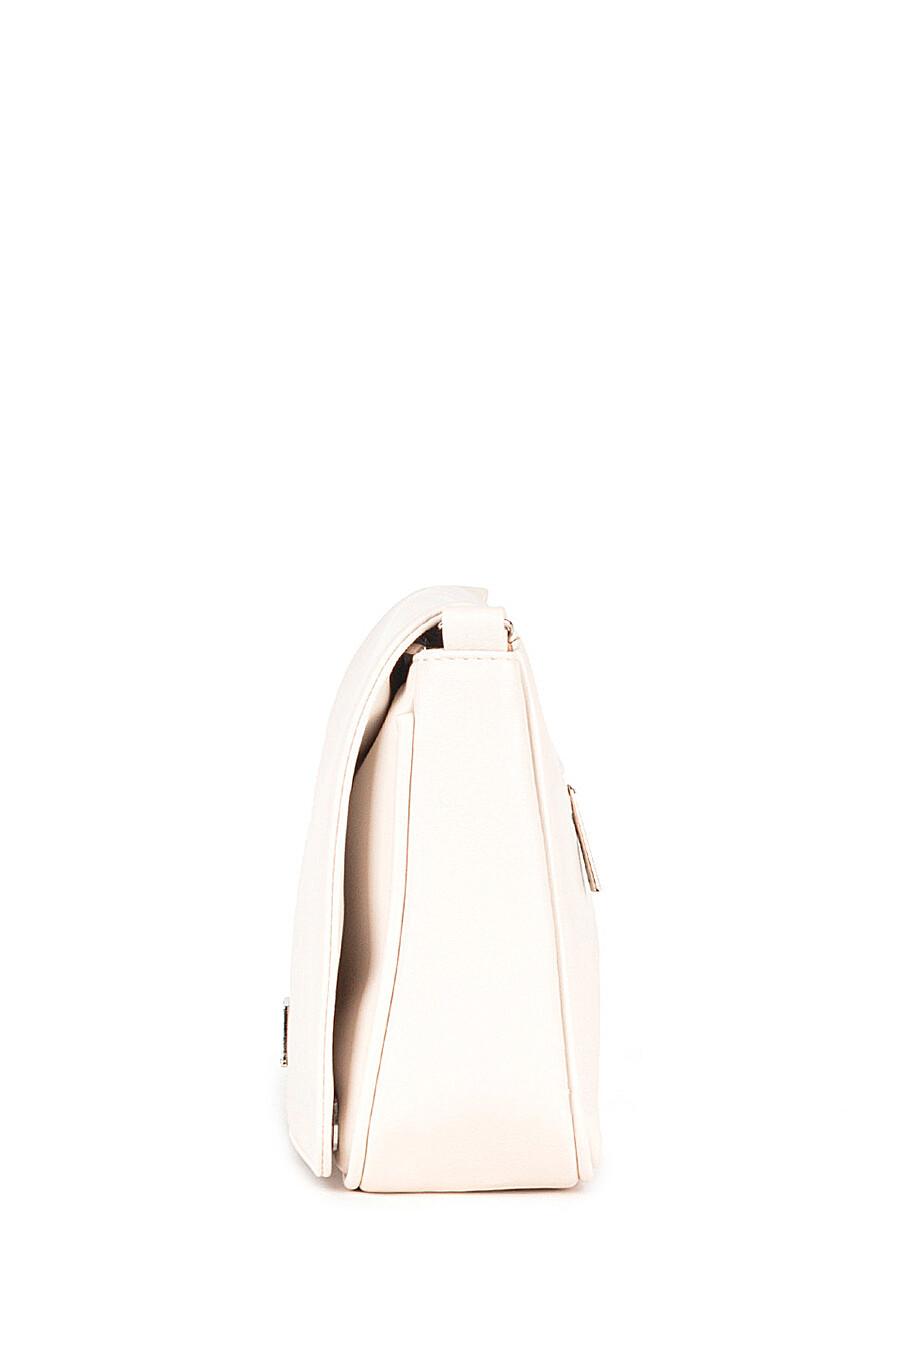 Сумка для женщин L-CRAFT 668237 купить оптом от производителя. Совместная покупка женской одежды в OptMoyo